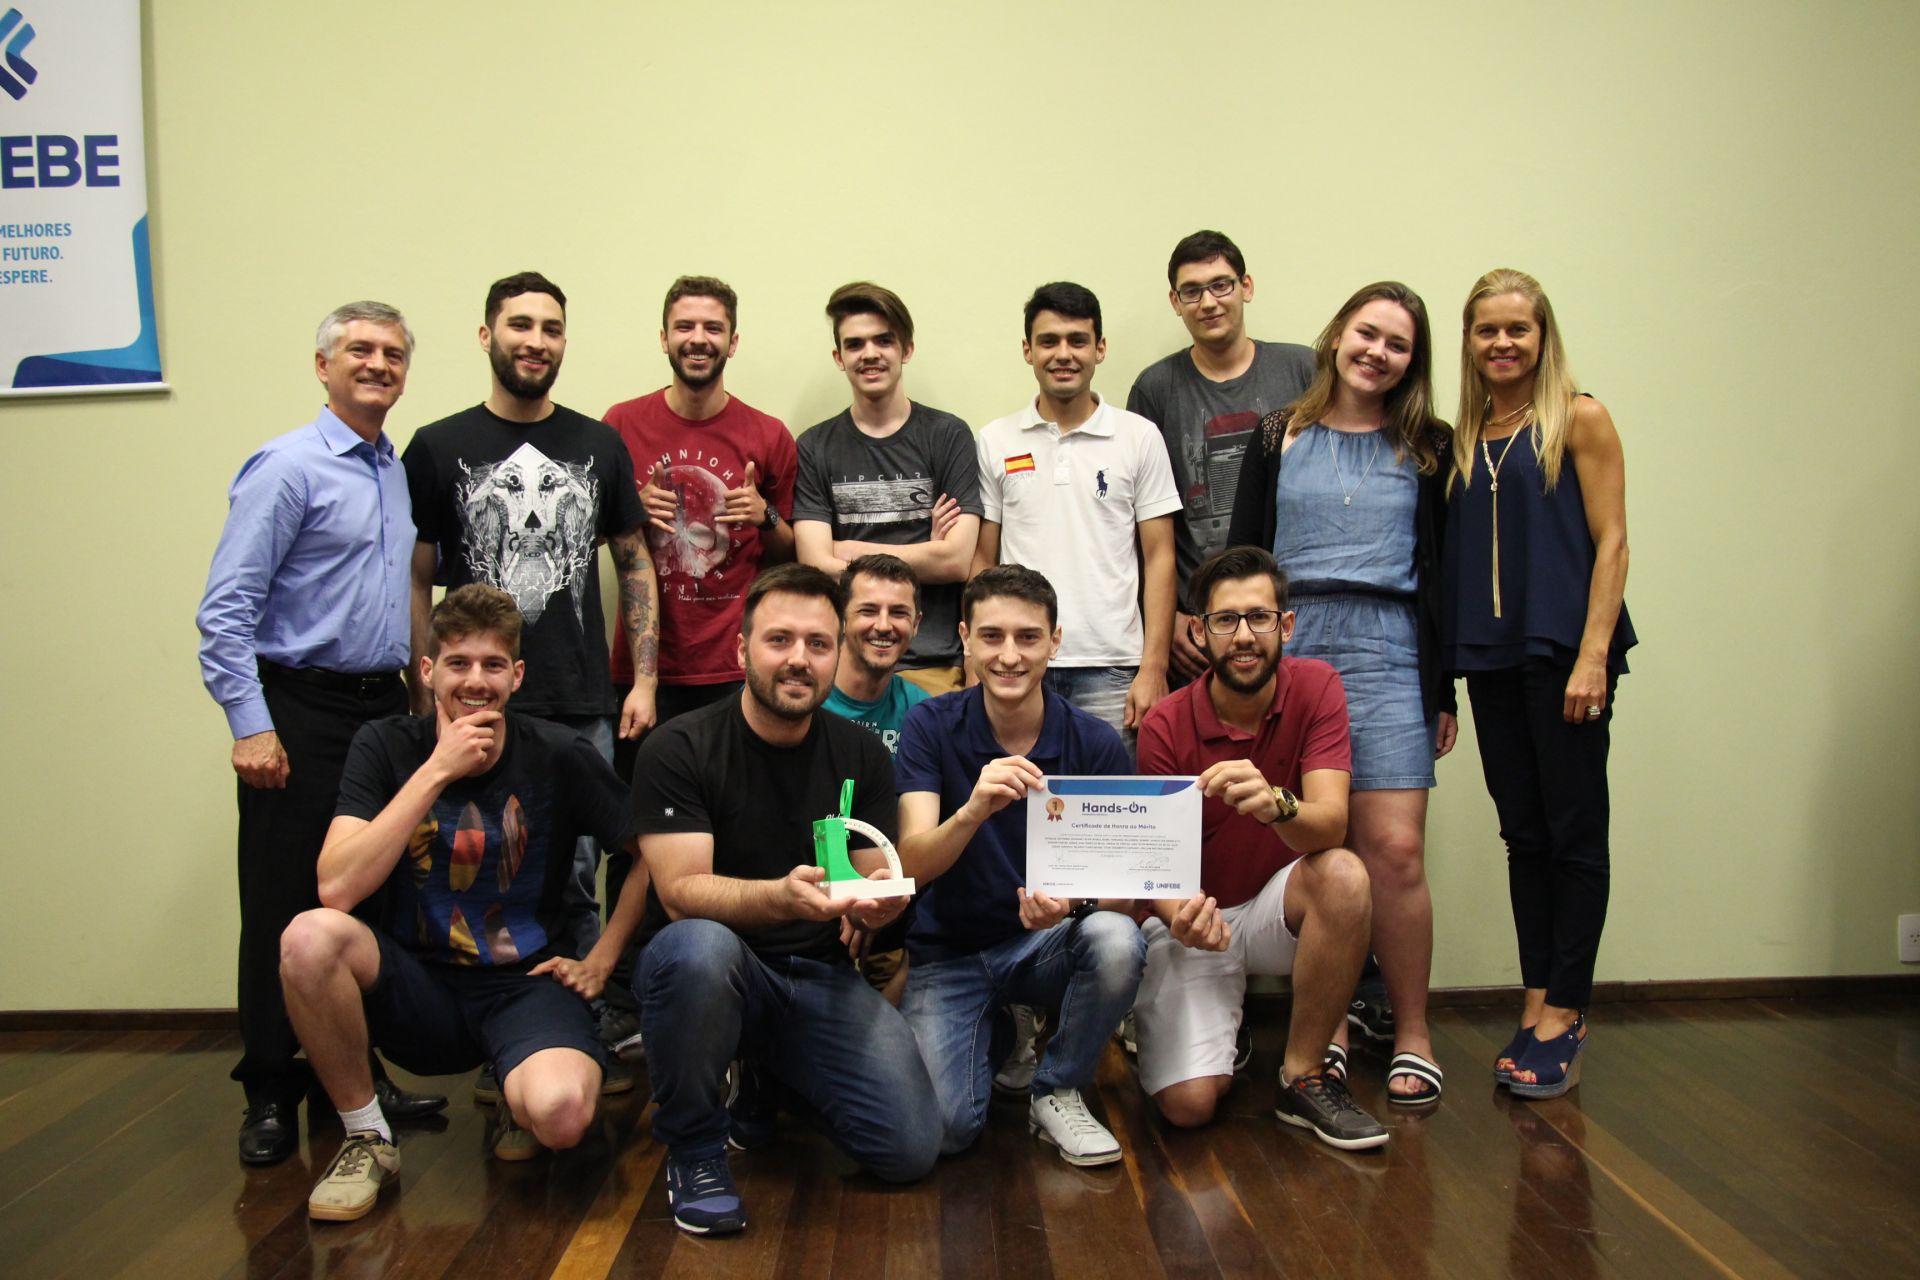 Hall da fama do Desafio Hands-On ganha novos vencedores